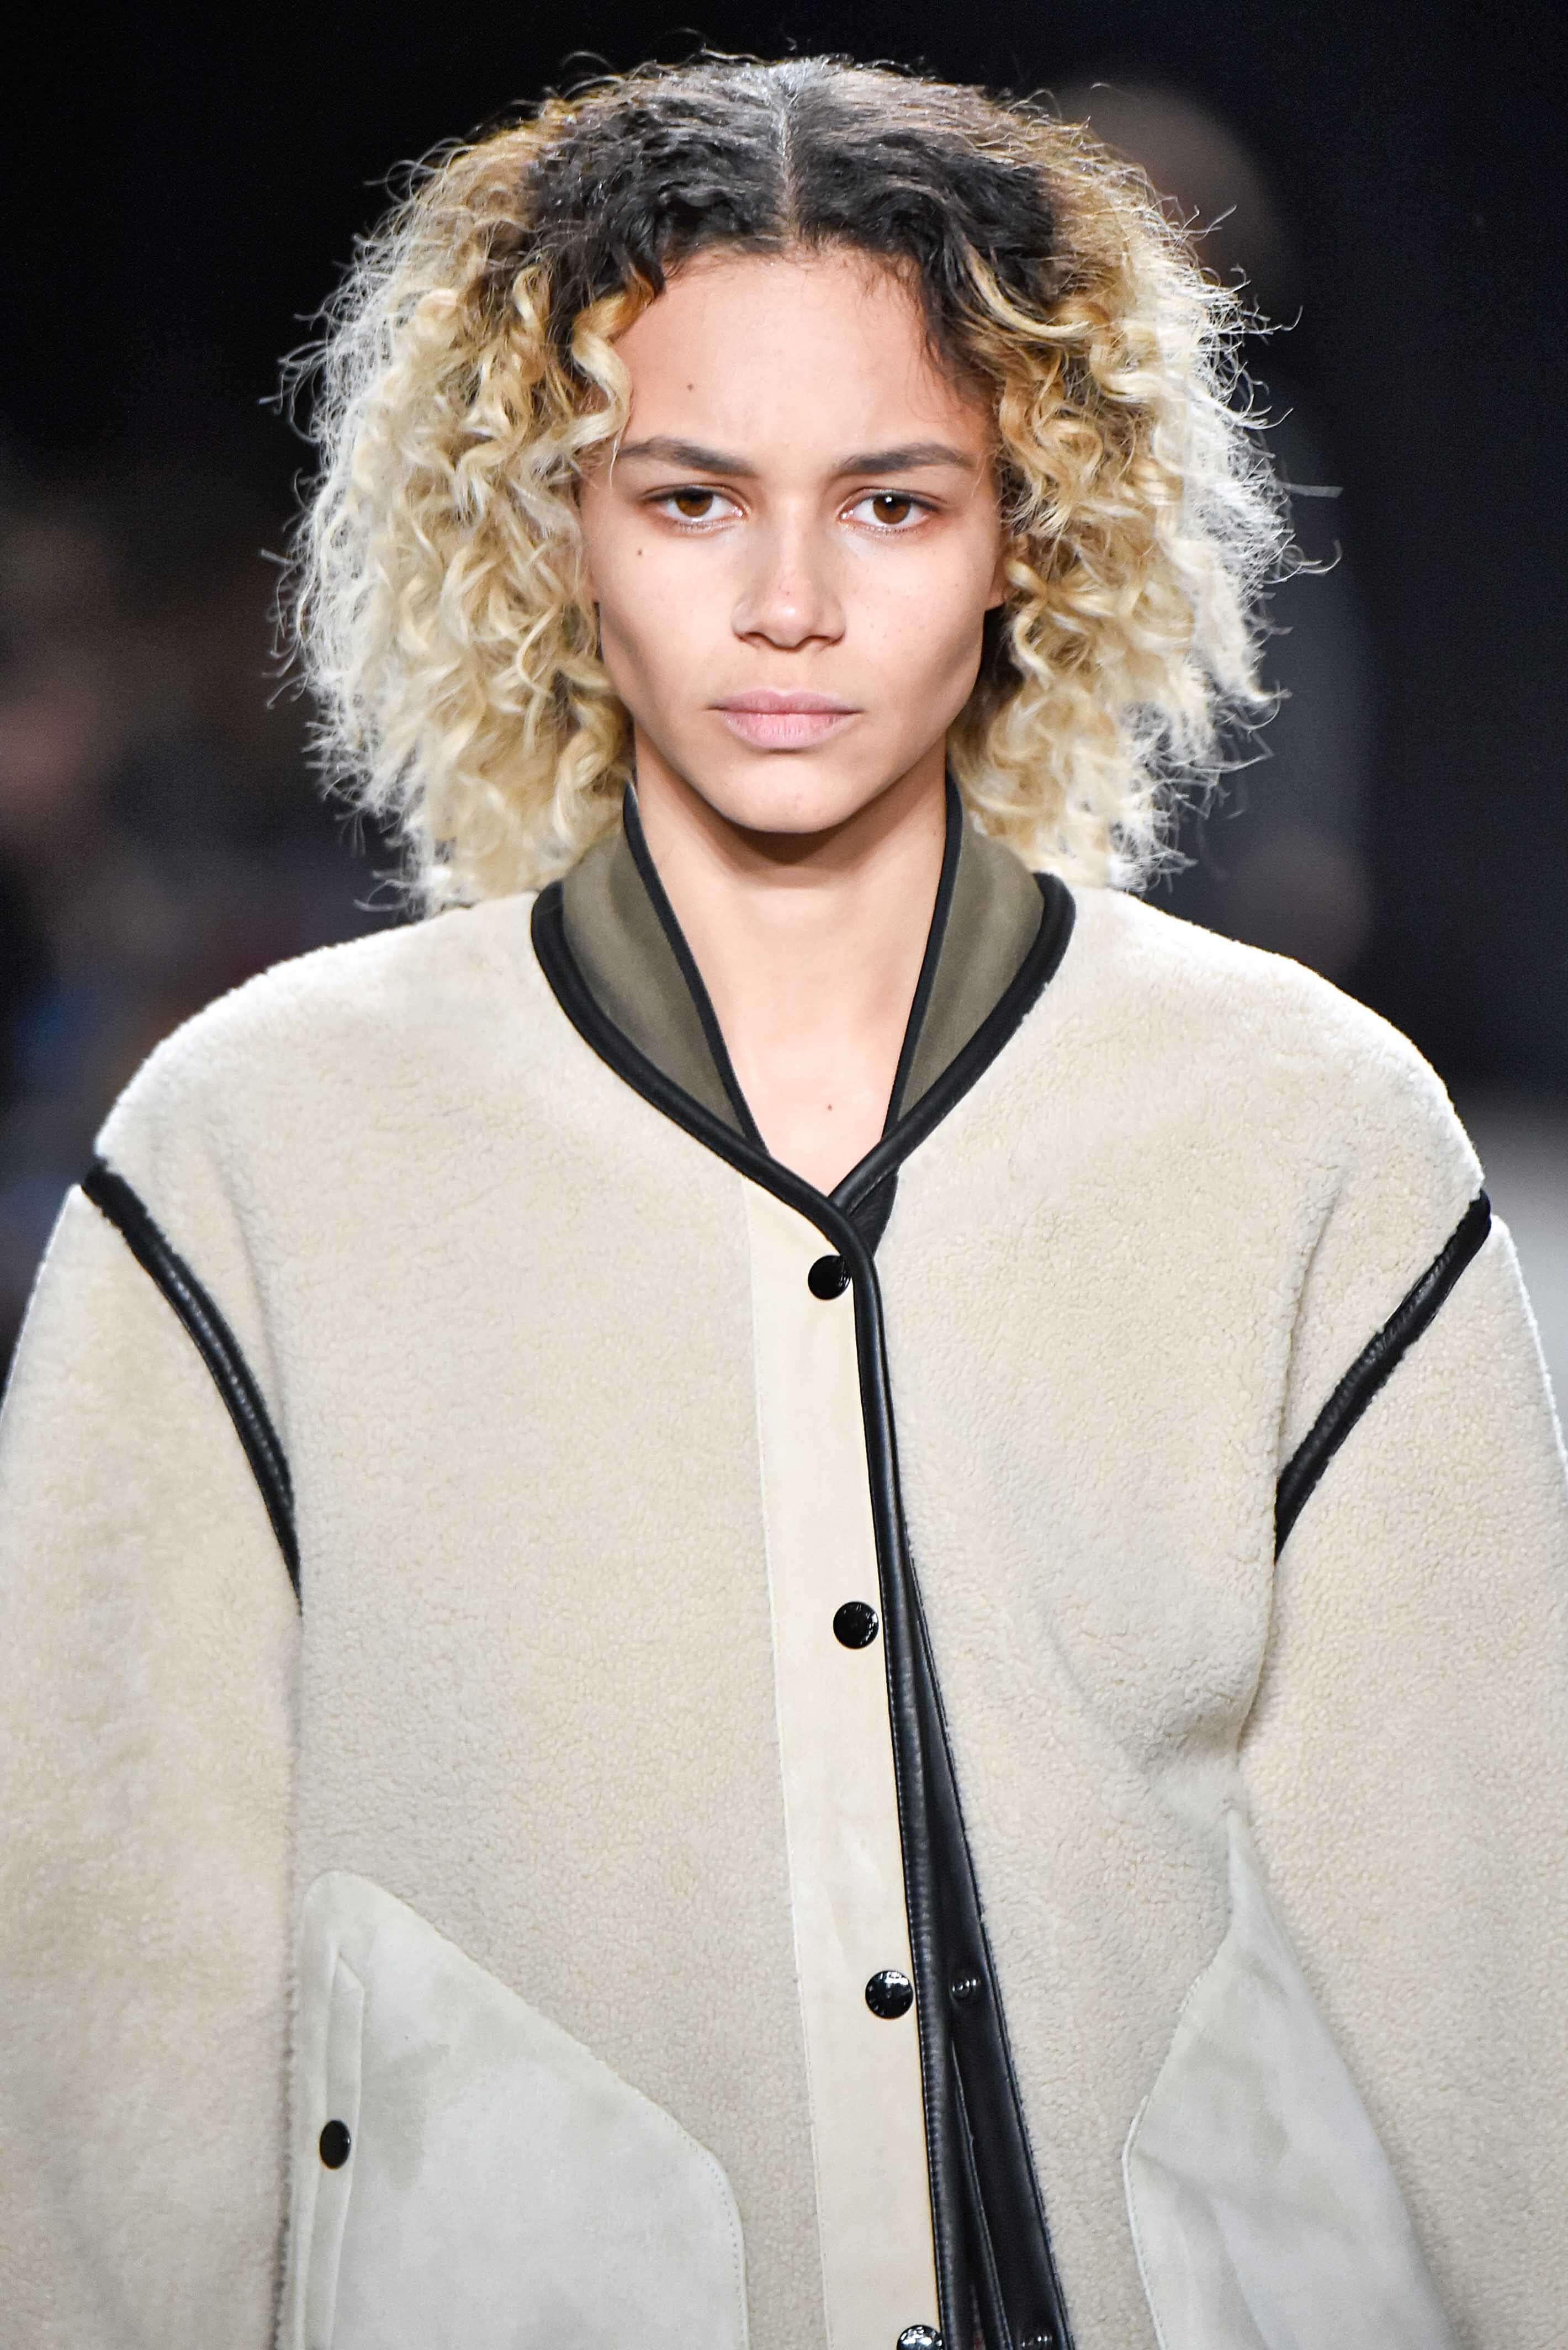 Nuances de cheveux blonds : Femme aux cheveux blond platine naturellement bouclés avec des racines brun foncé sur une piste de décollage, portant un blouson de bombardier.